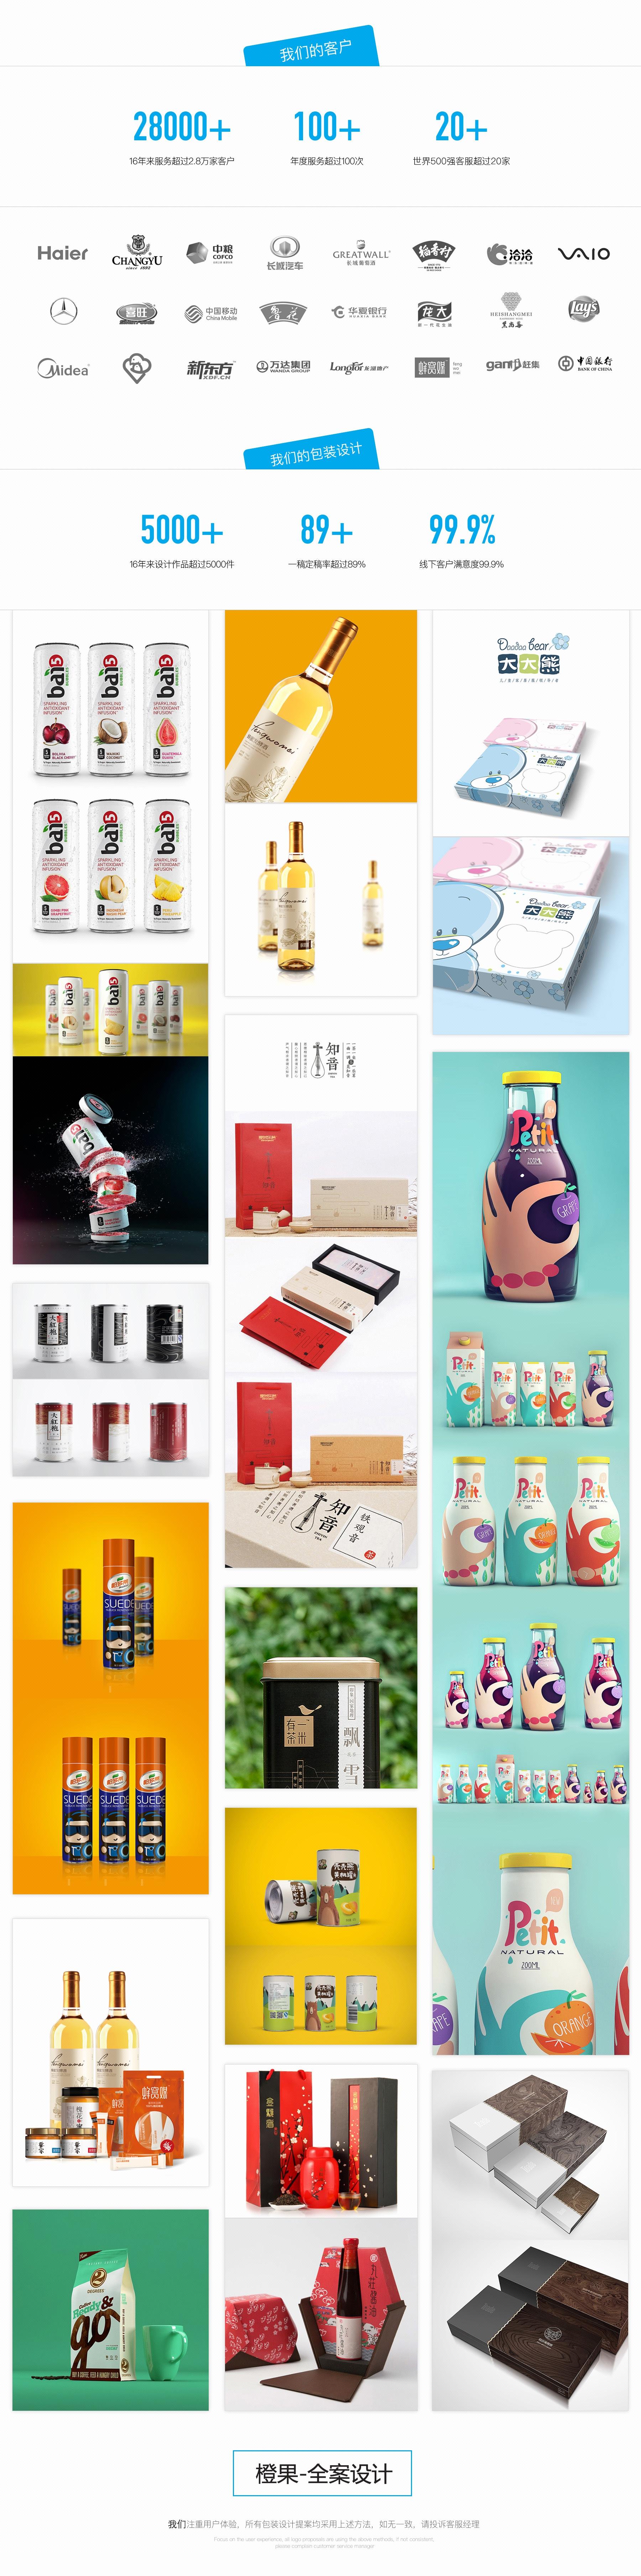 包装设计_【包装】食品酒水茶饮料红酒保健品农产品礼盒母婴原创包装设计4